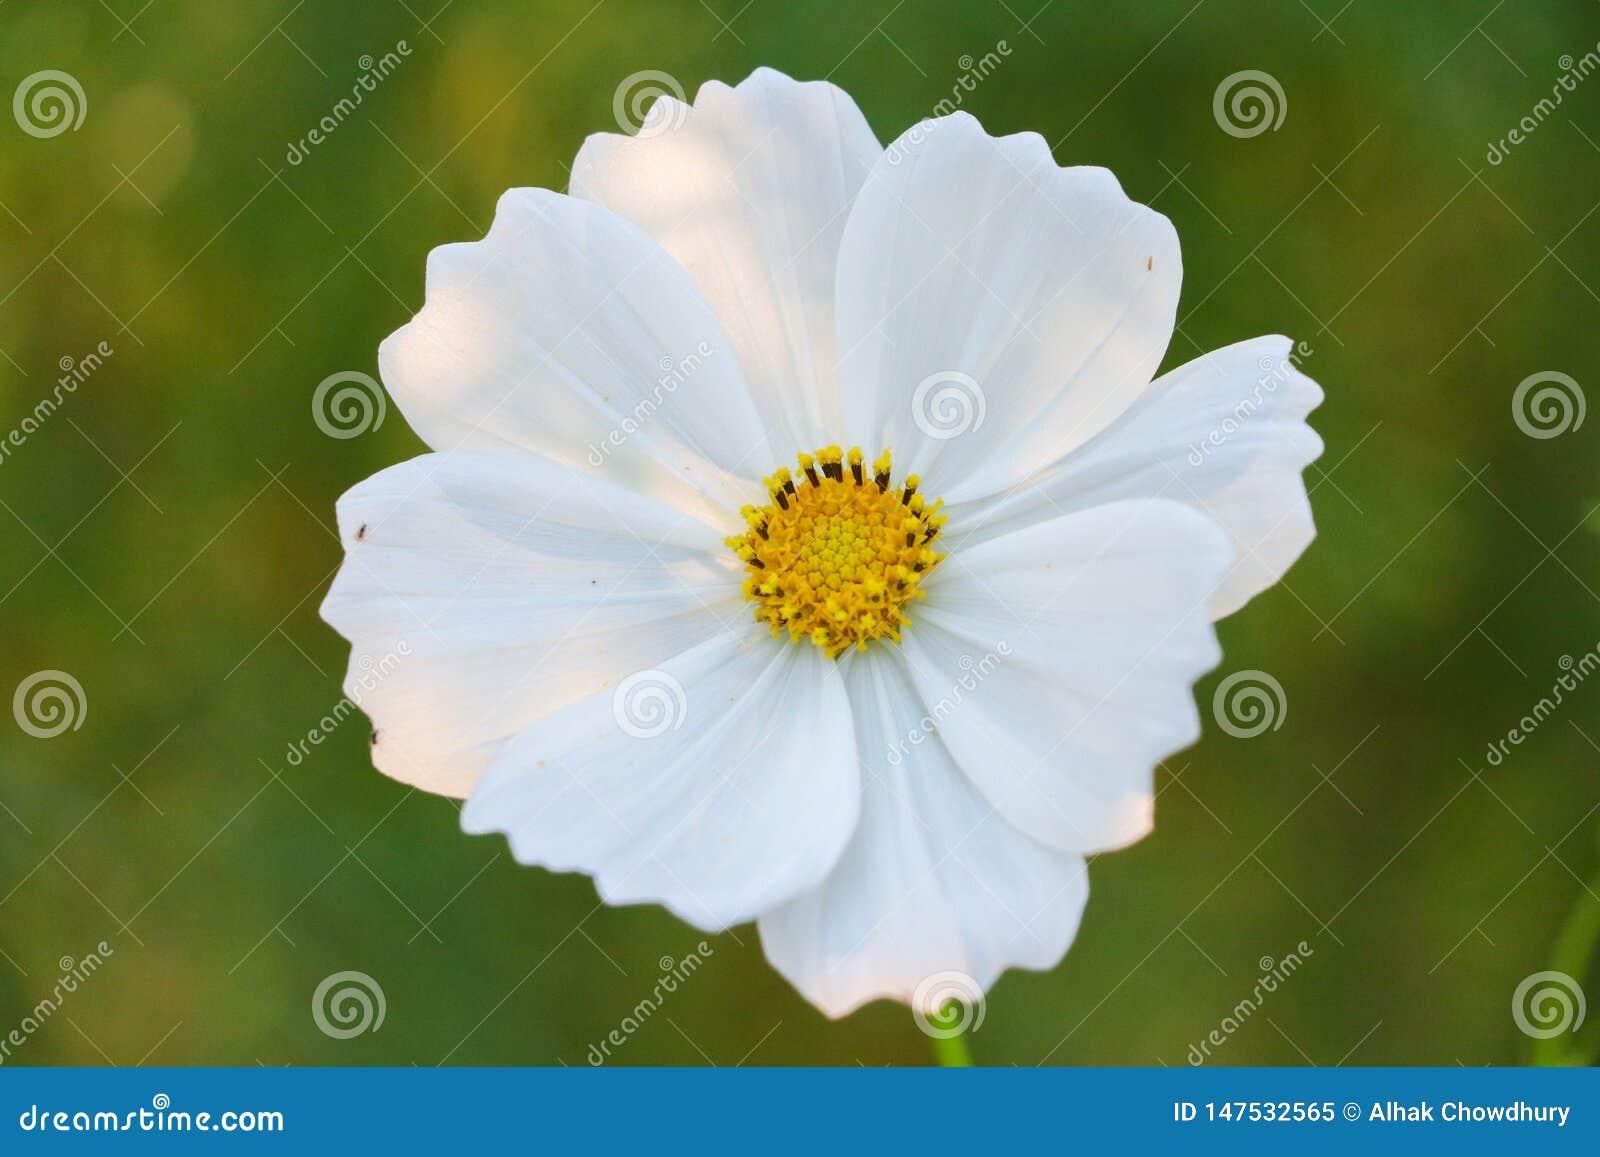 Einzelne weiße Blume auf der grünen Hintergrundfarbe weiß und grün